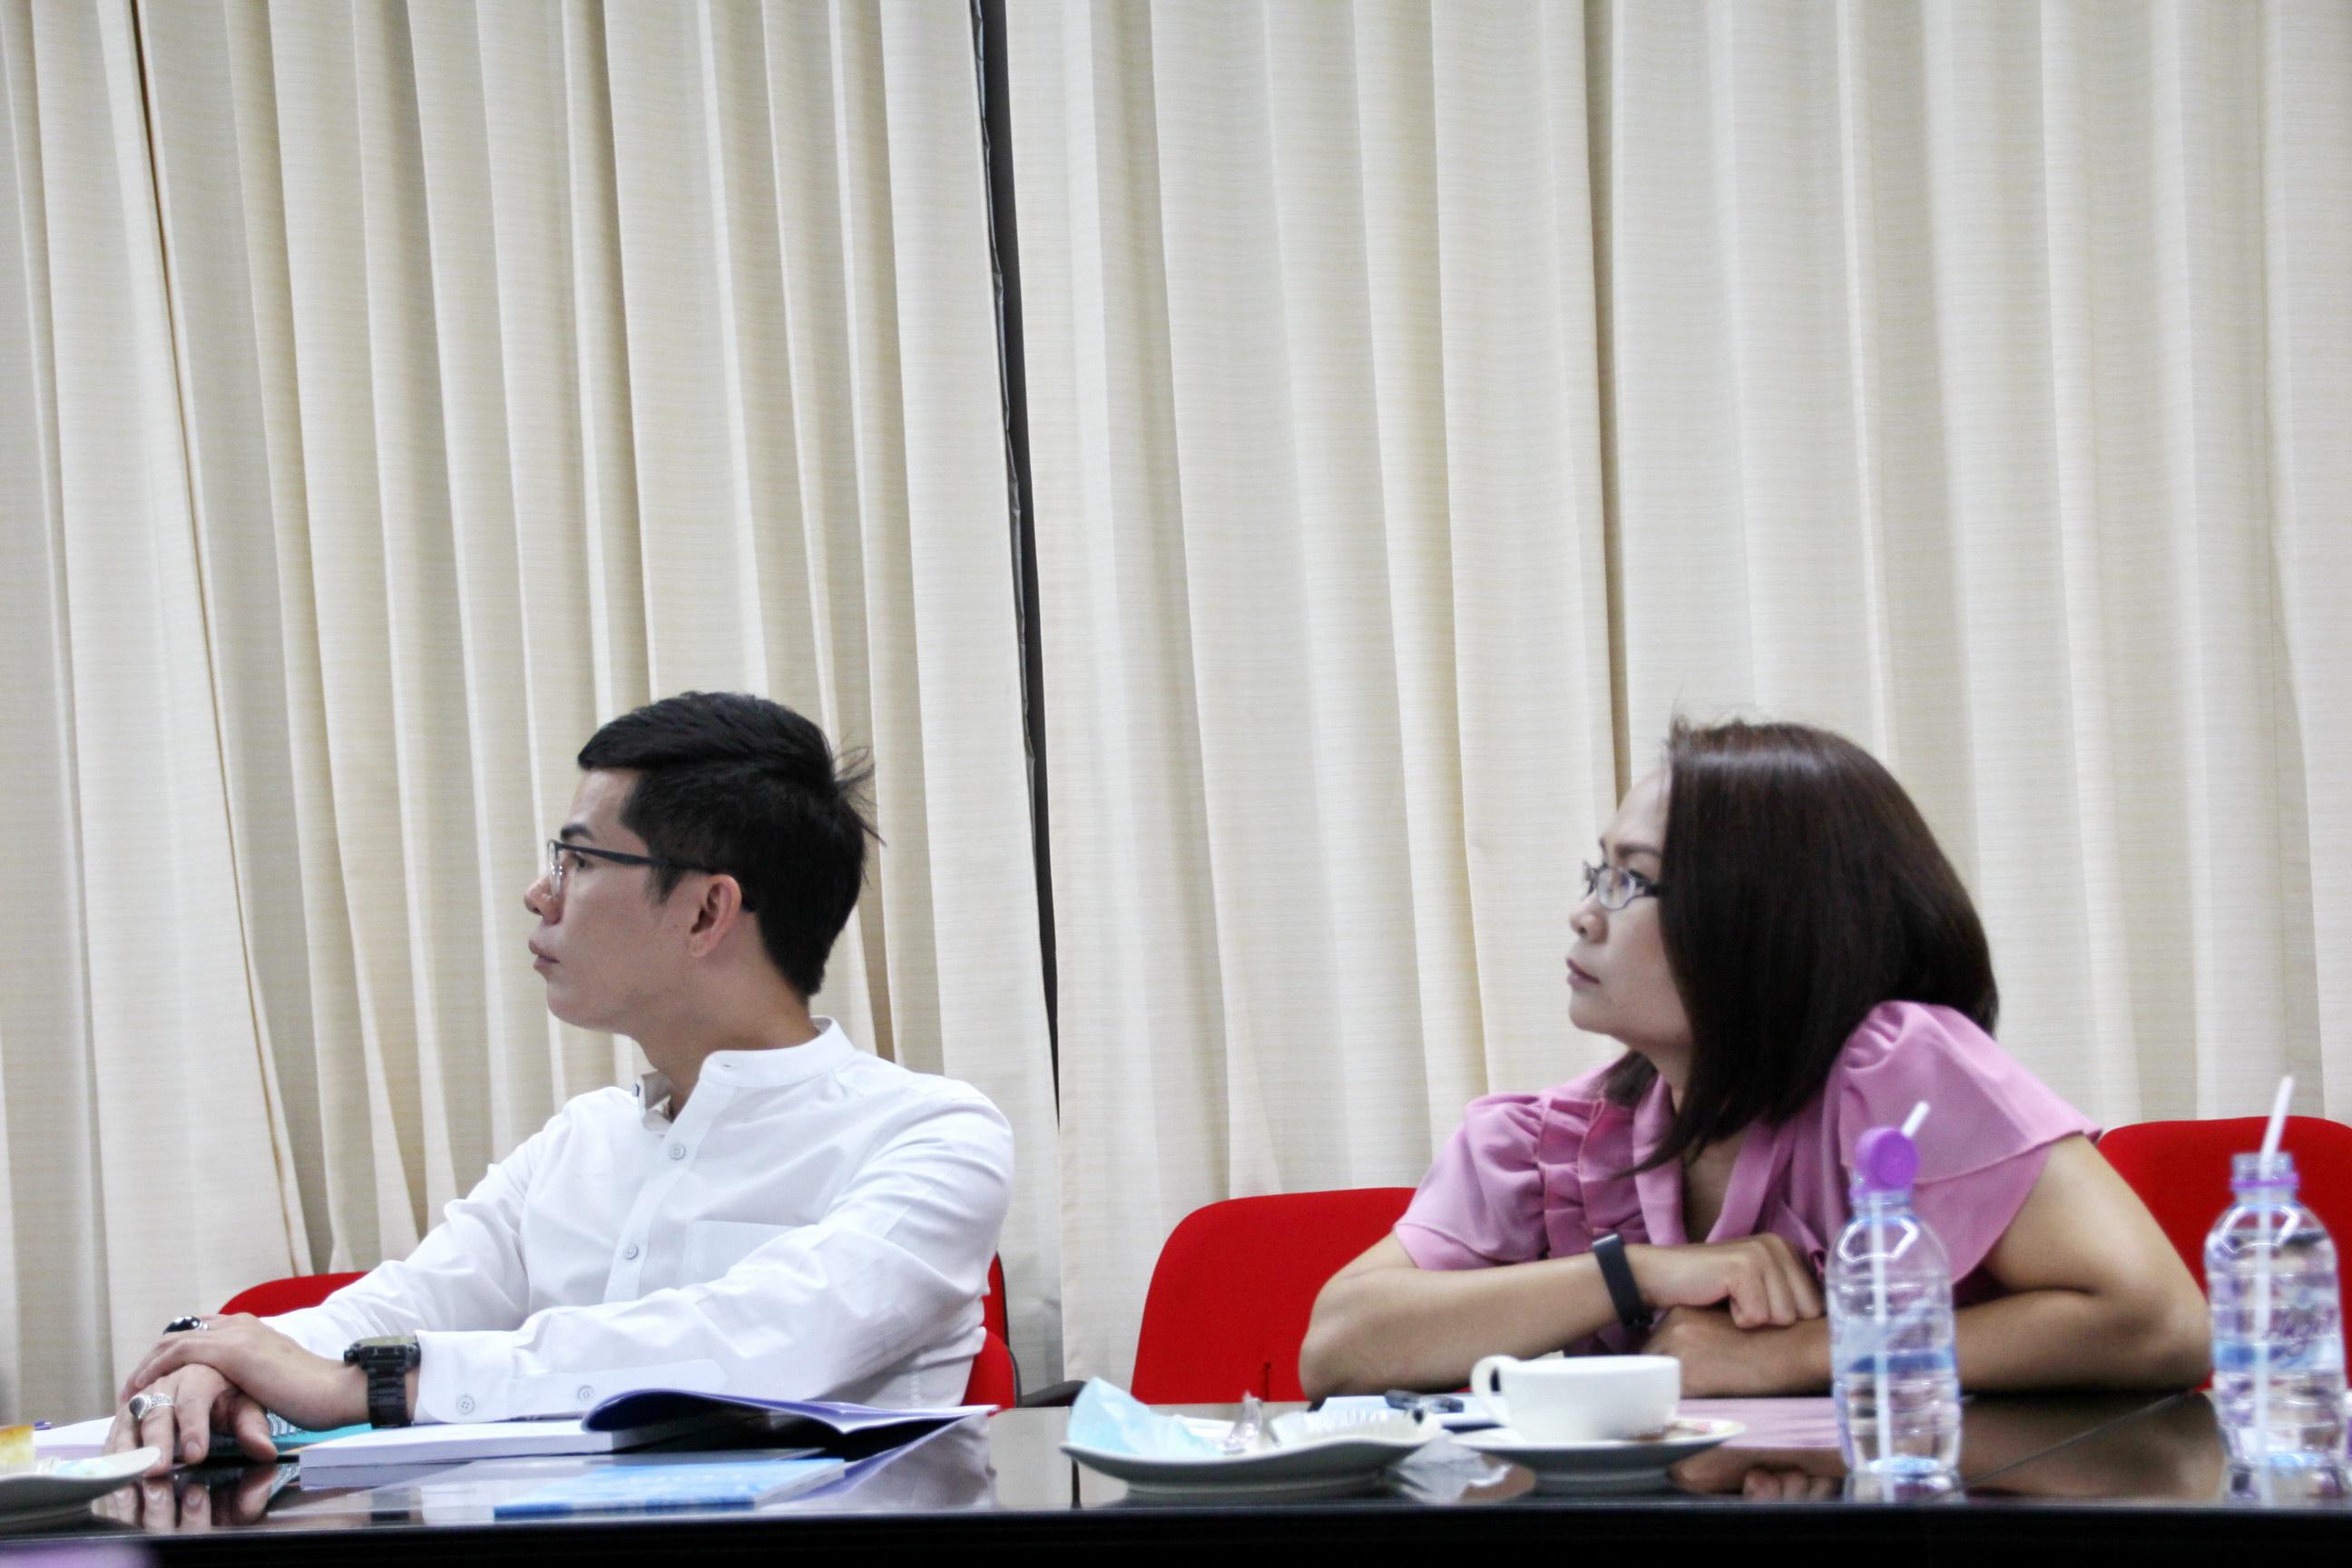 การศึกษาดูงานระบบการประกันคุณภาพการศึกษาเพื่อการดำเนินการที่เป็นเลิศ (Education Criteria for Performance Excellence : EdPEx)